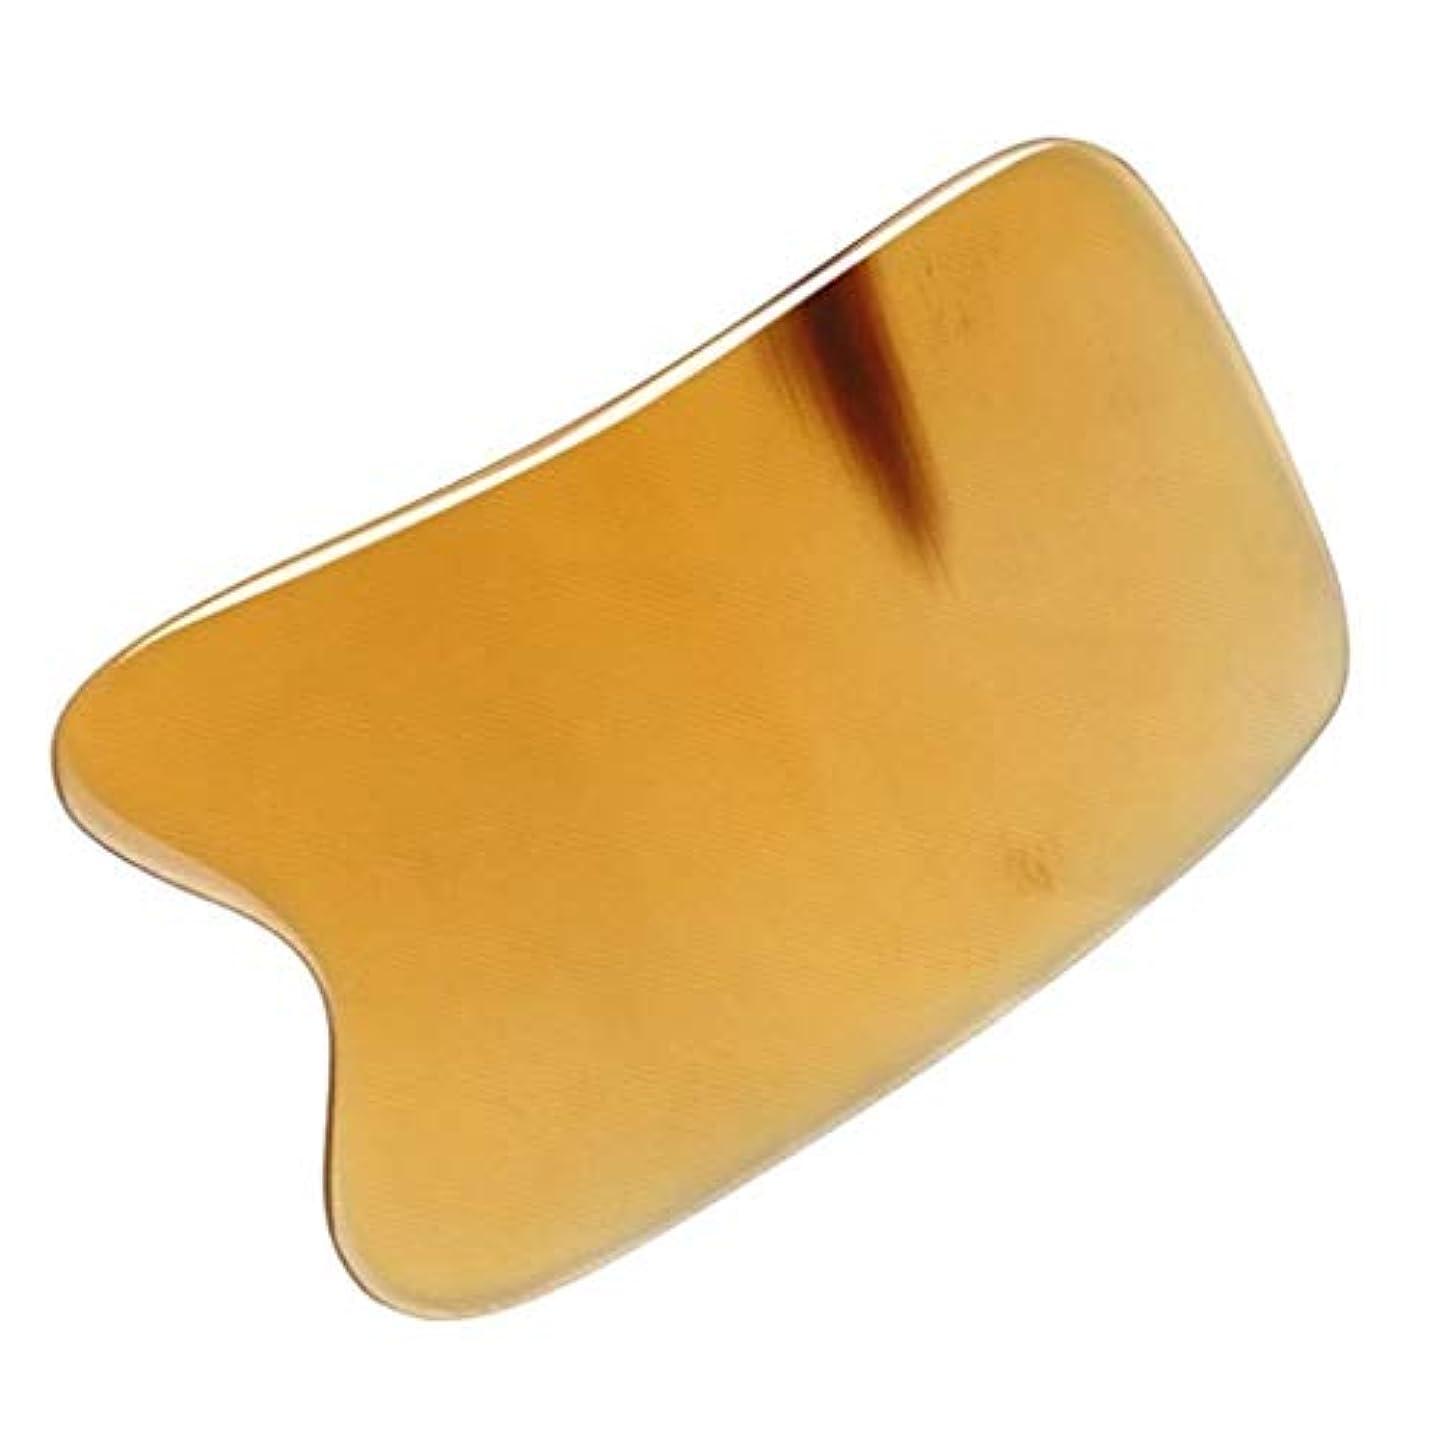 IASTMグラストン理学療法ツール-最高品質のハンドメイドバッファローホーングアシャボード-首と筋肉の痛みを軽減 (Size : 5mm)